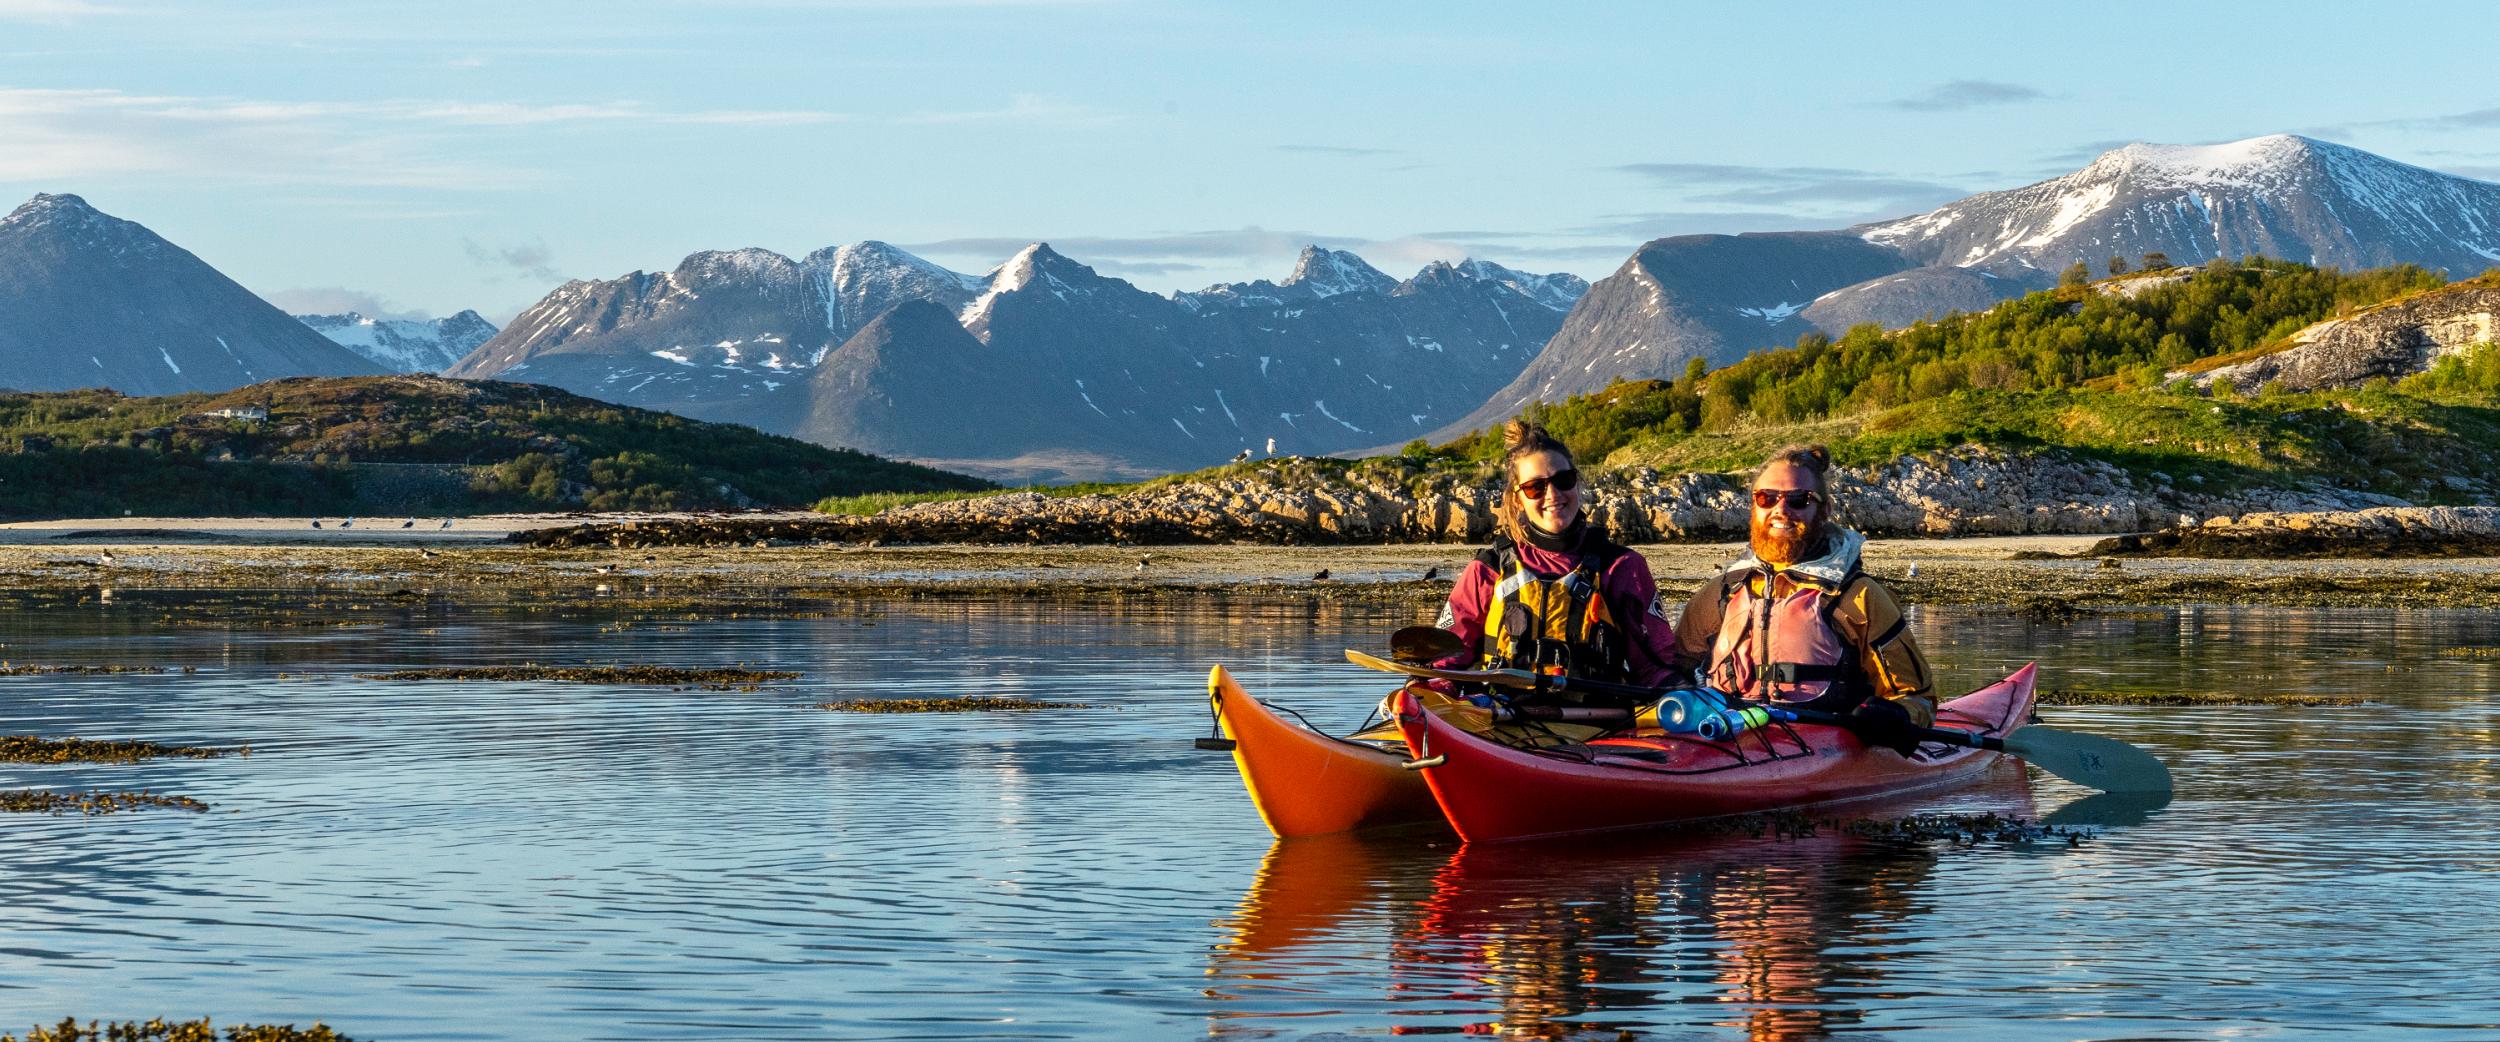 kayaking outside Tromsø in a beautiful summer day. Photo: Victor de Coen